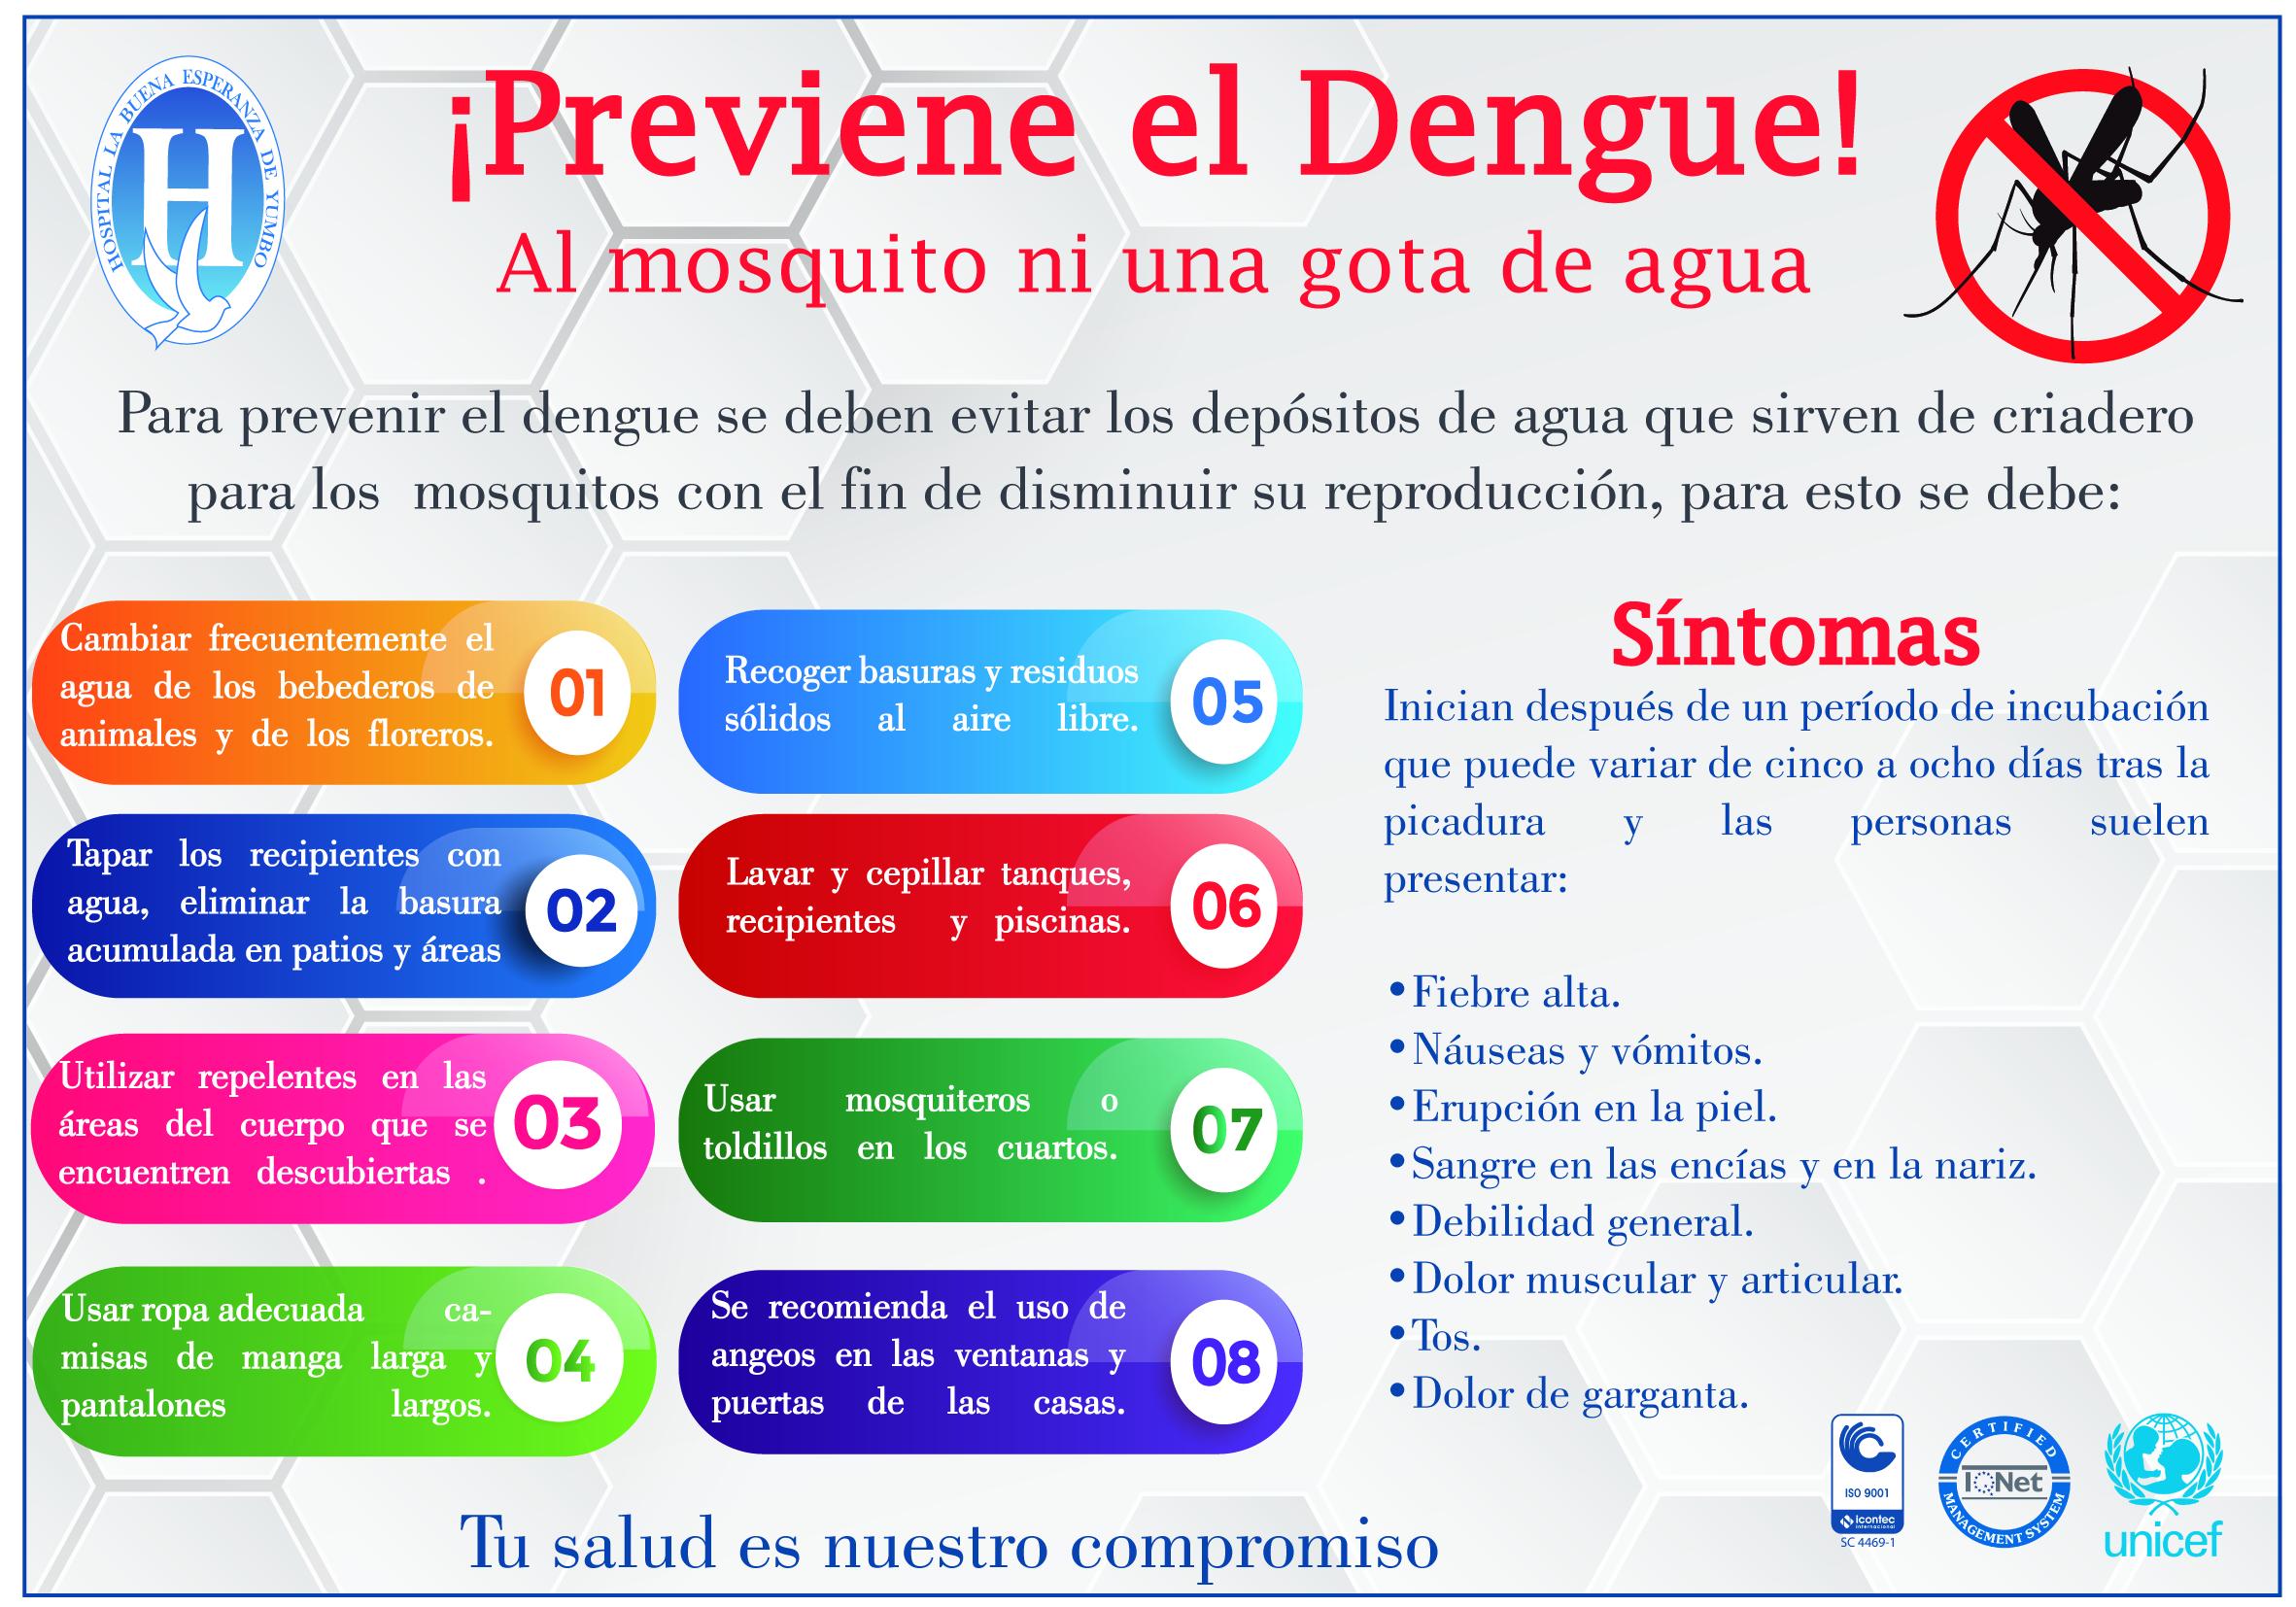 ¡Previene el Dengue!